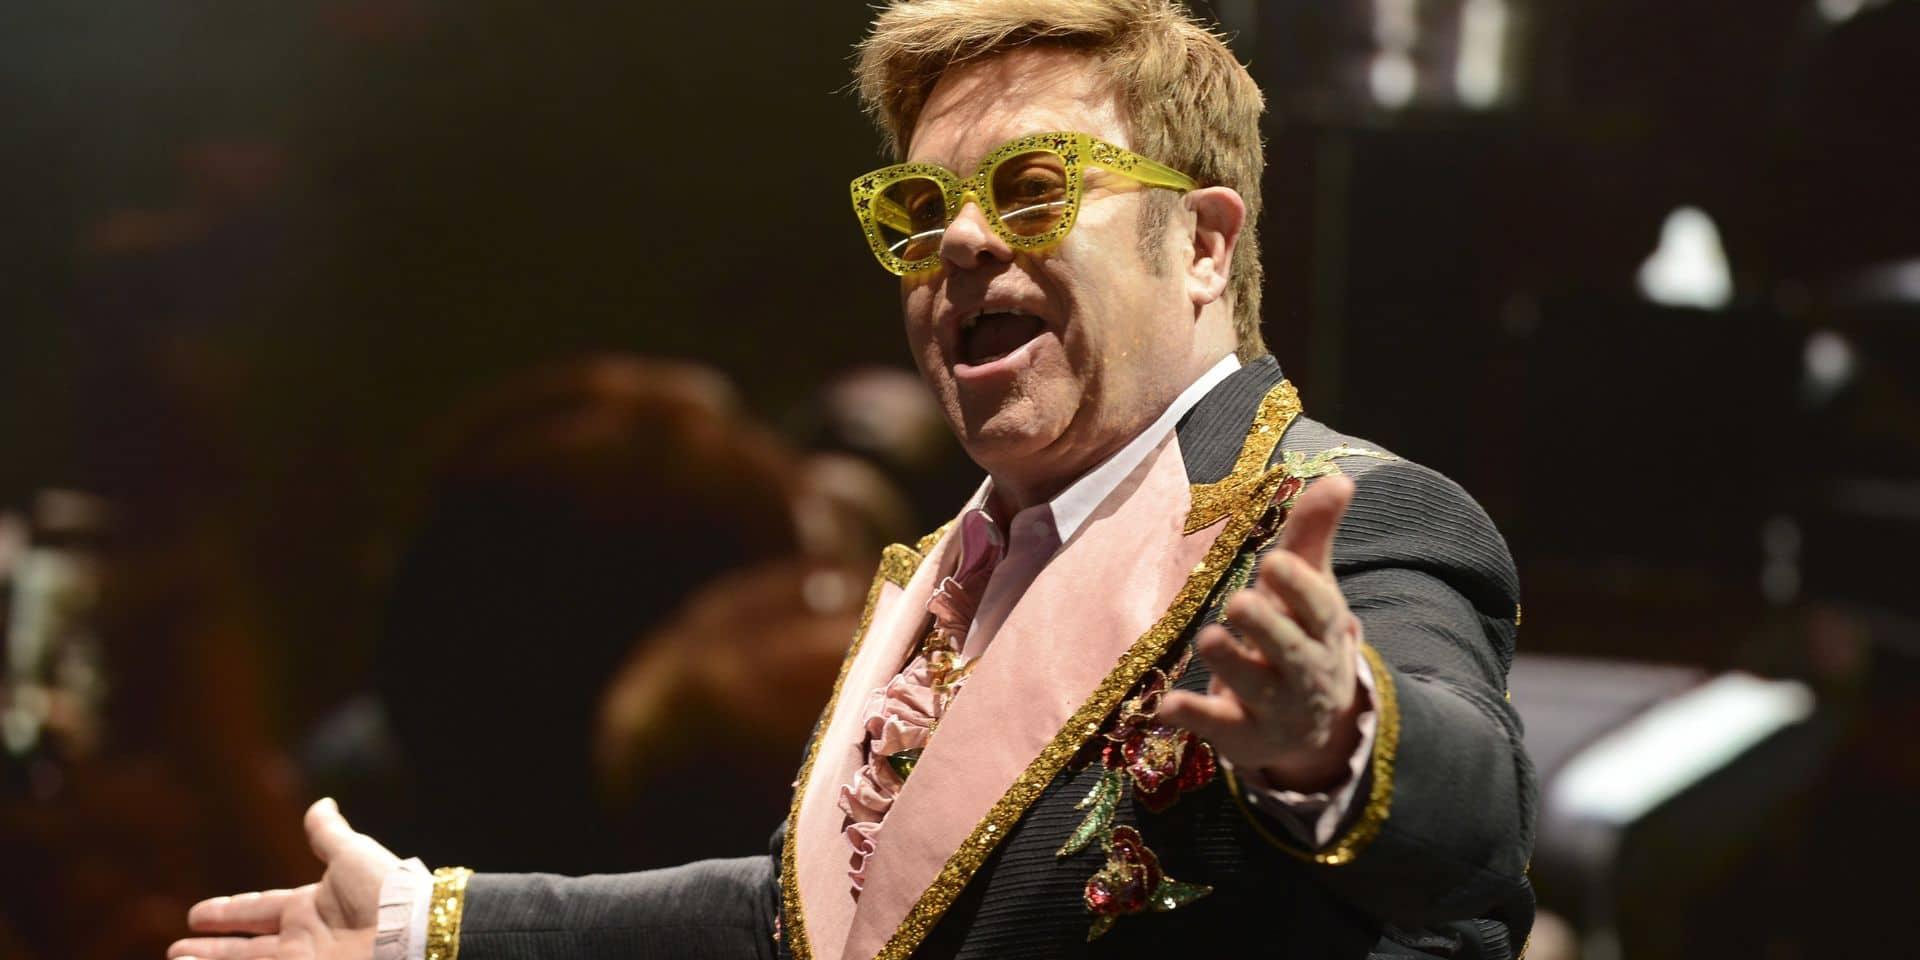 Russie : des scènes de sexe gay retirées du biopic sur Elton John